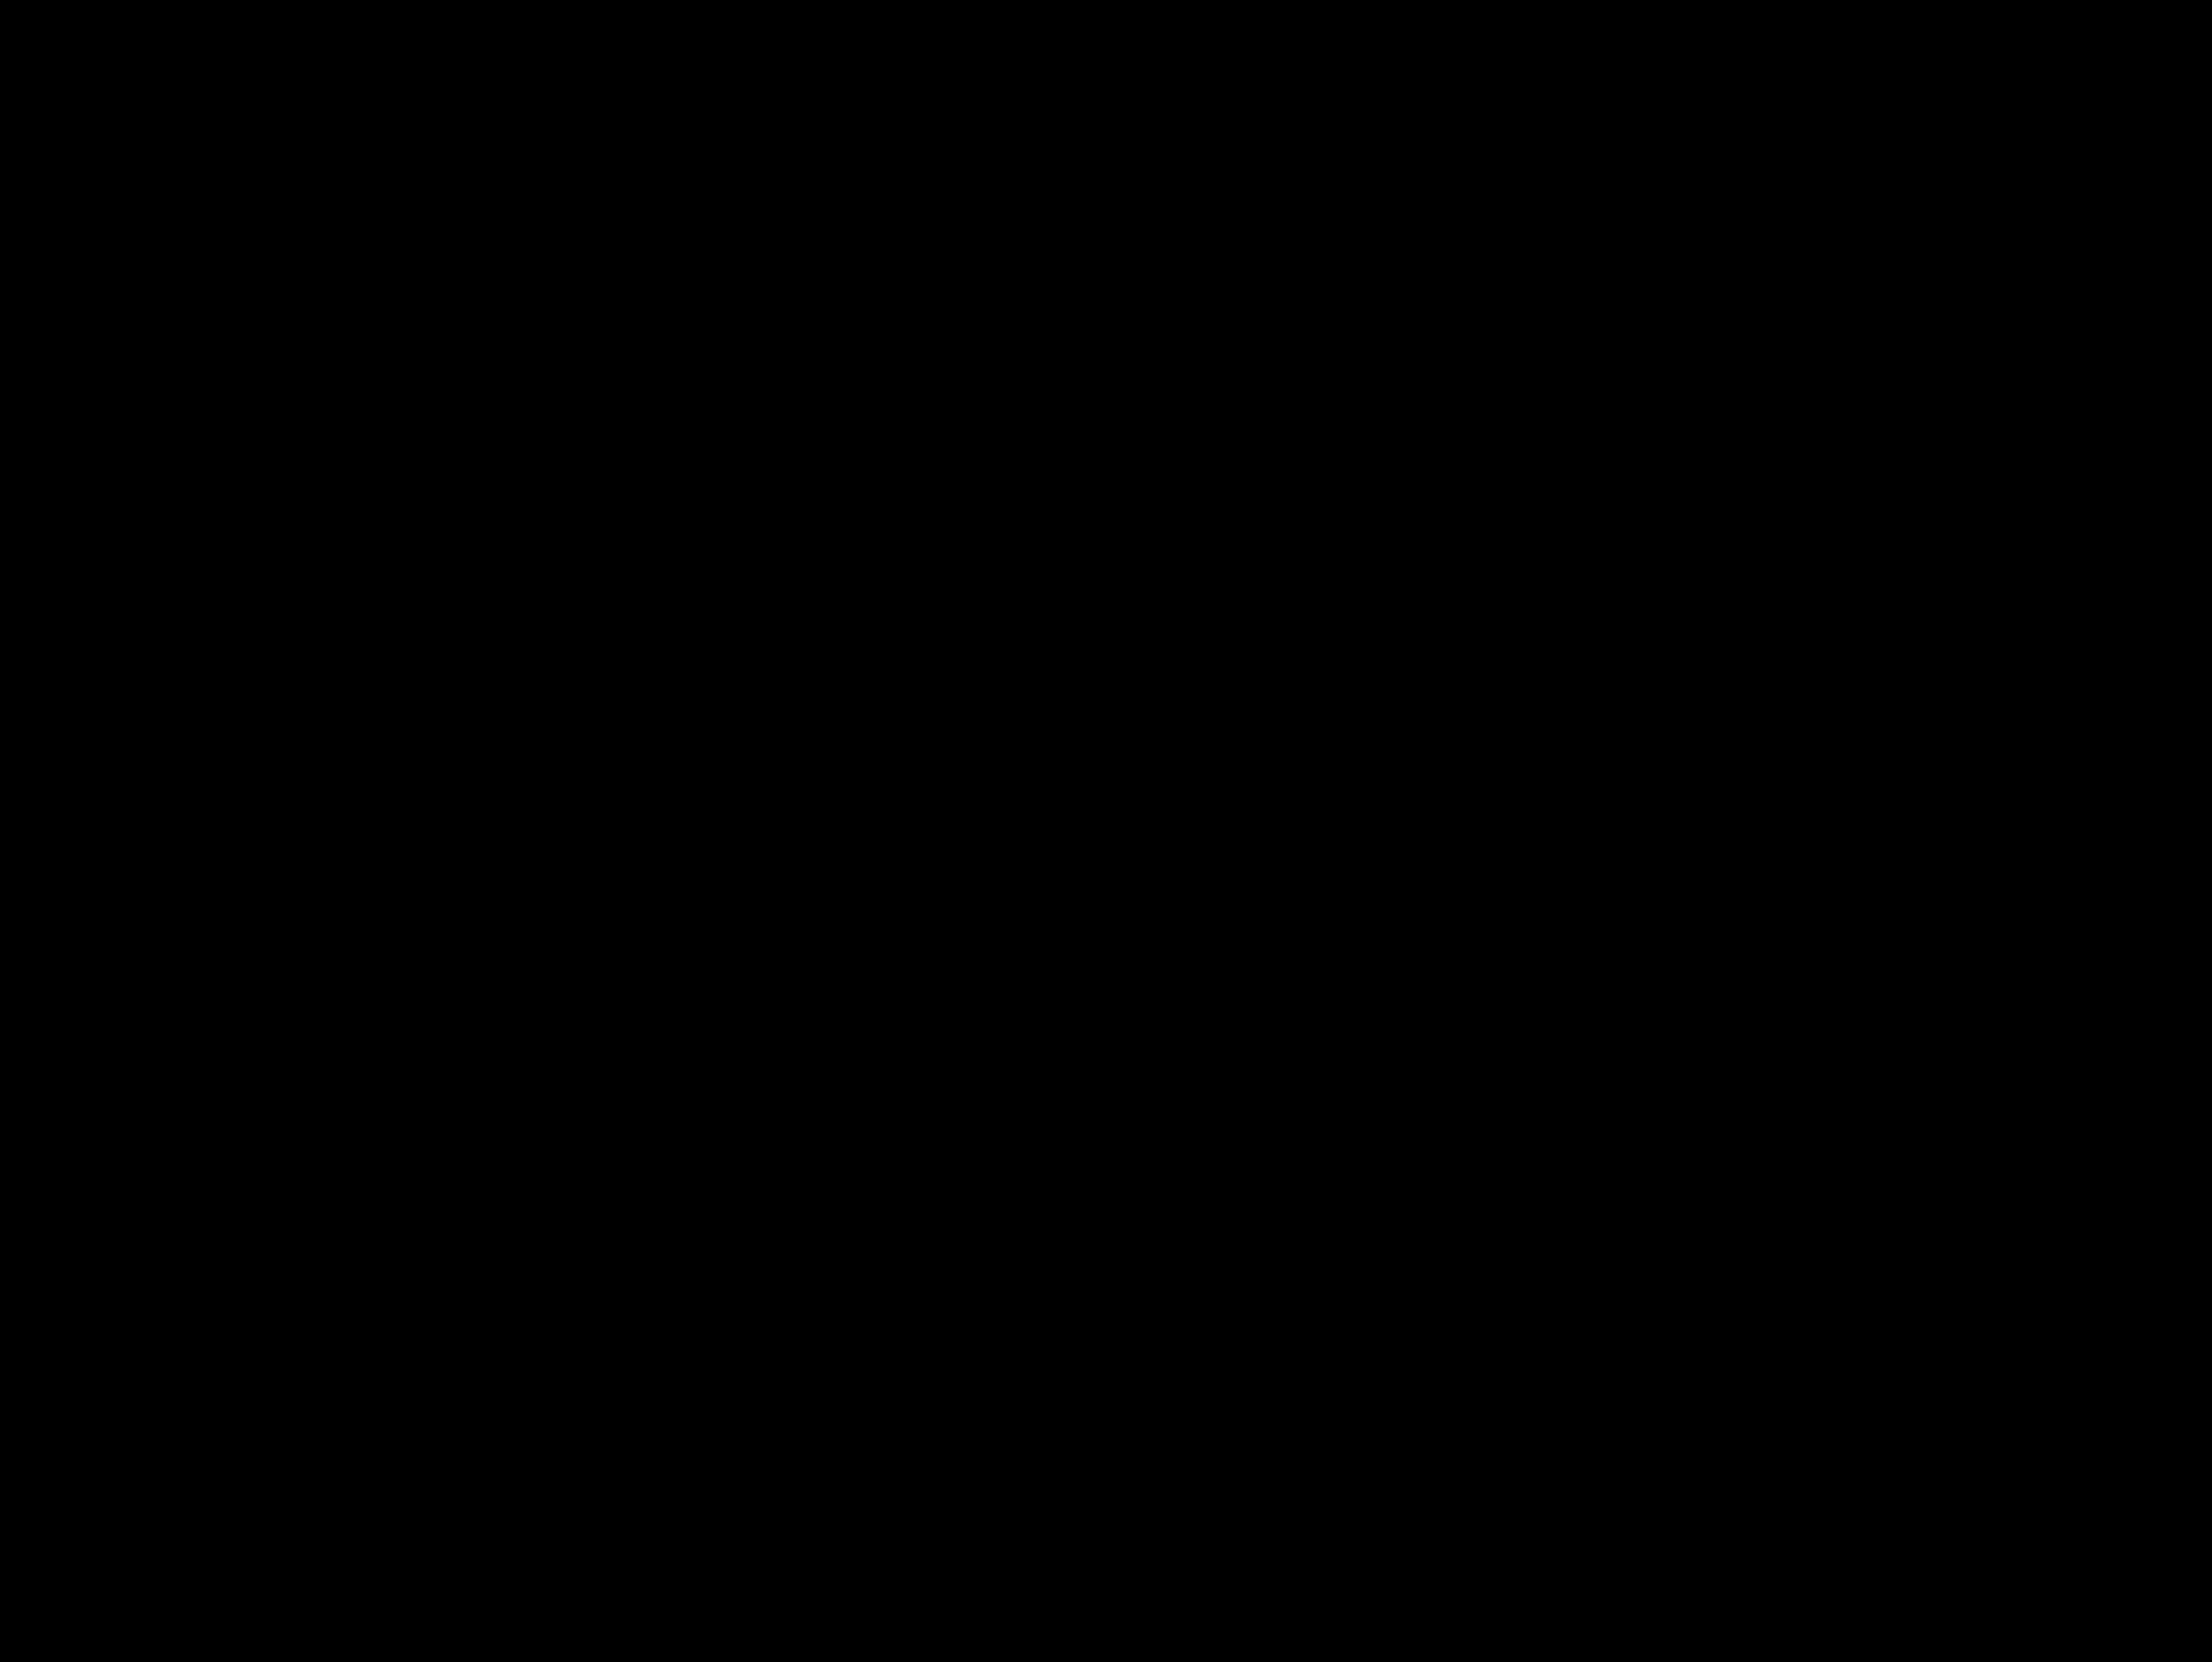 Скайп вирт бесплатный сайт, Виртуальный Секс в Скайпе с Девушками 5 фотография